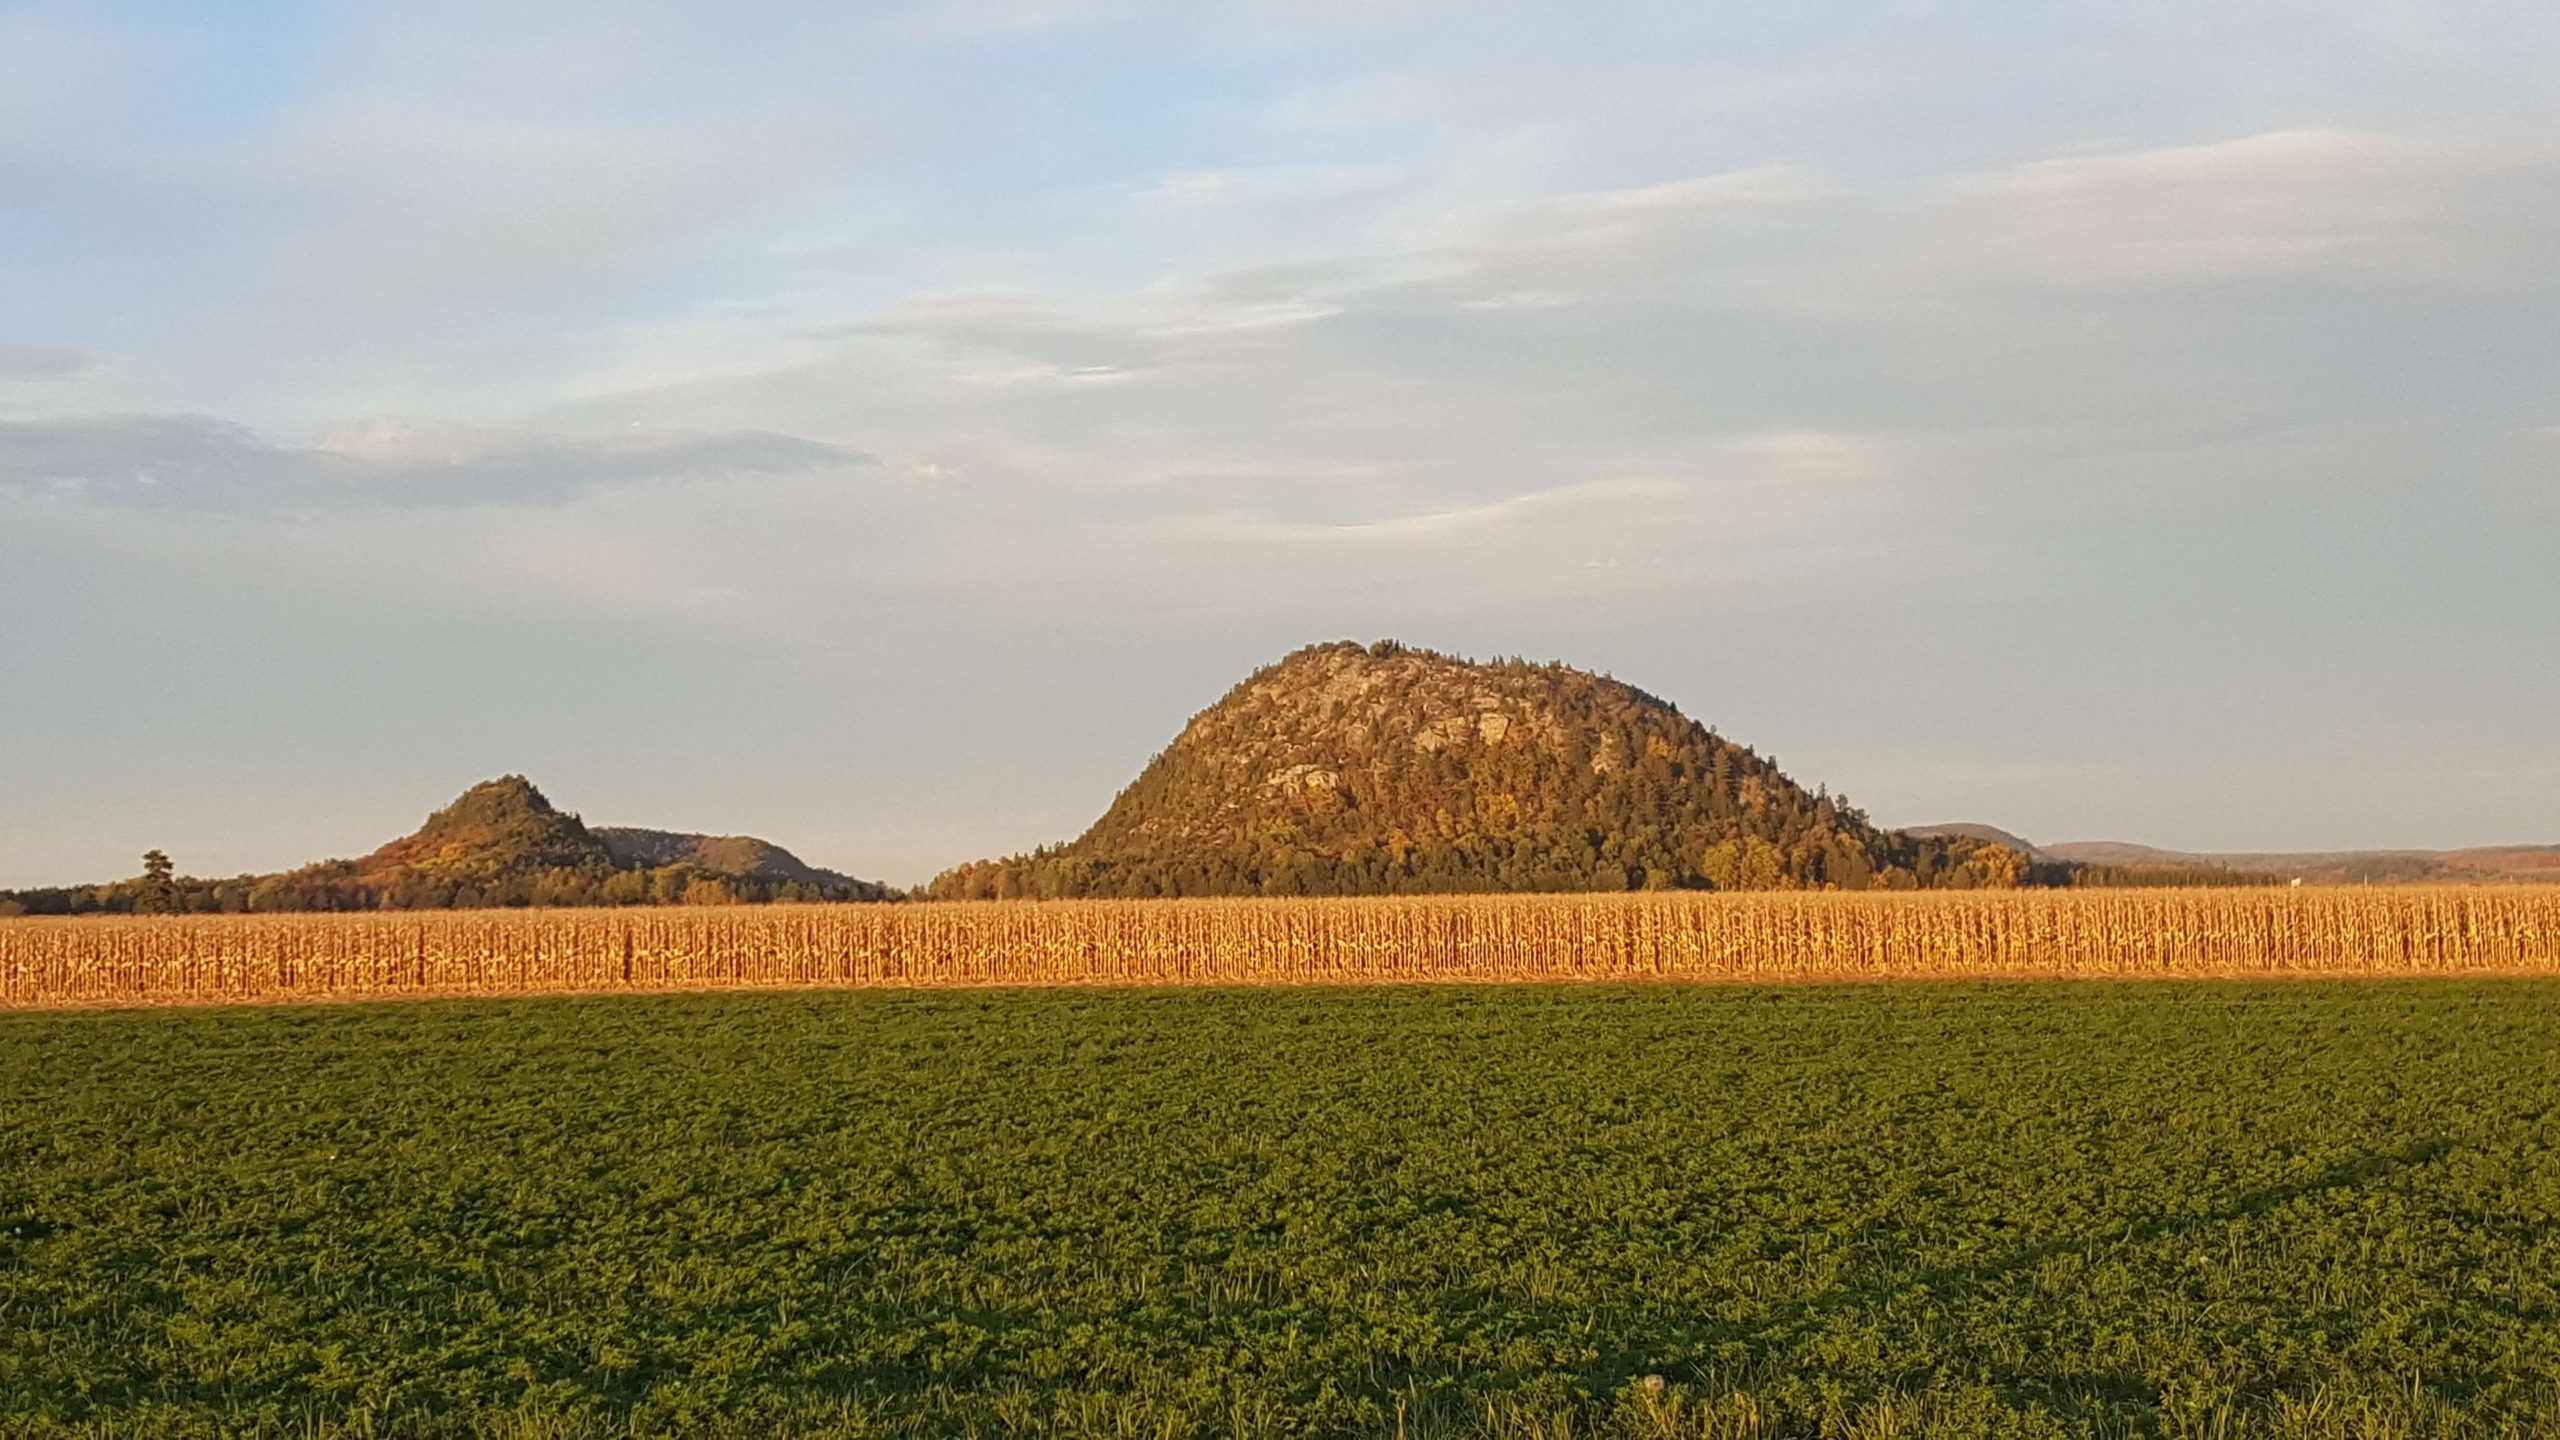 Vue de la montagne Pointue et de la montagne Ronde Photo: Yvonne Tremblay